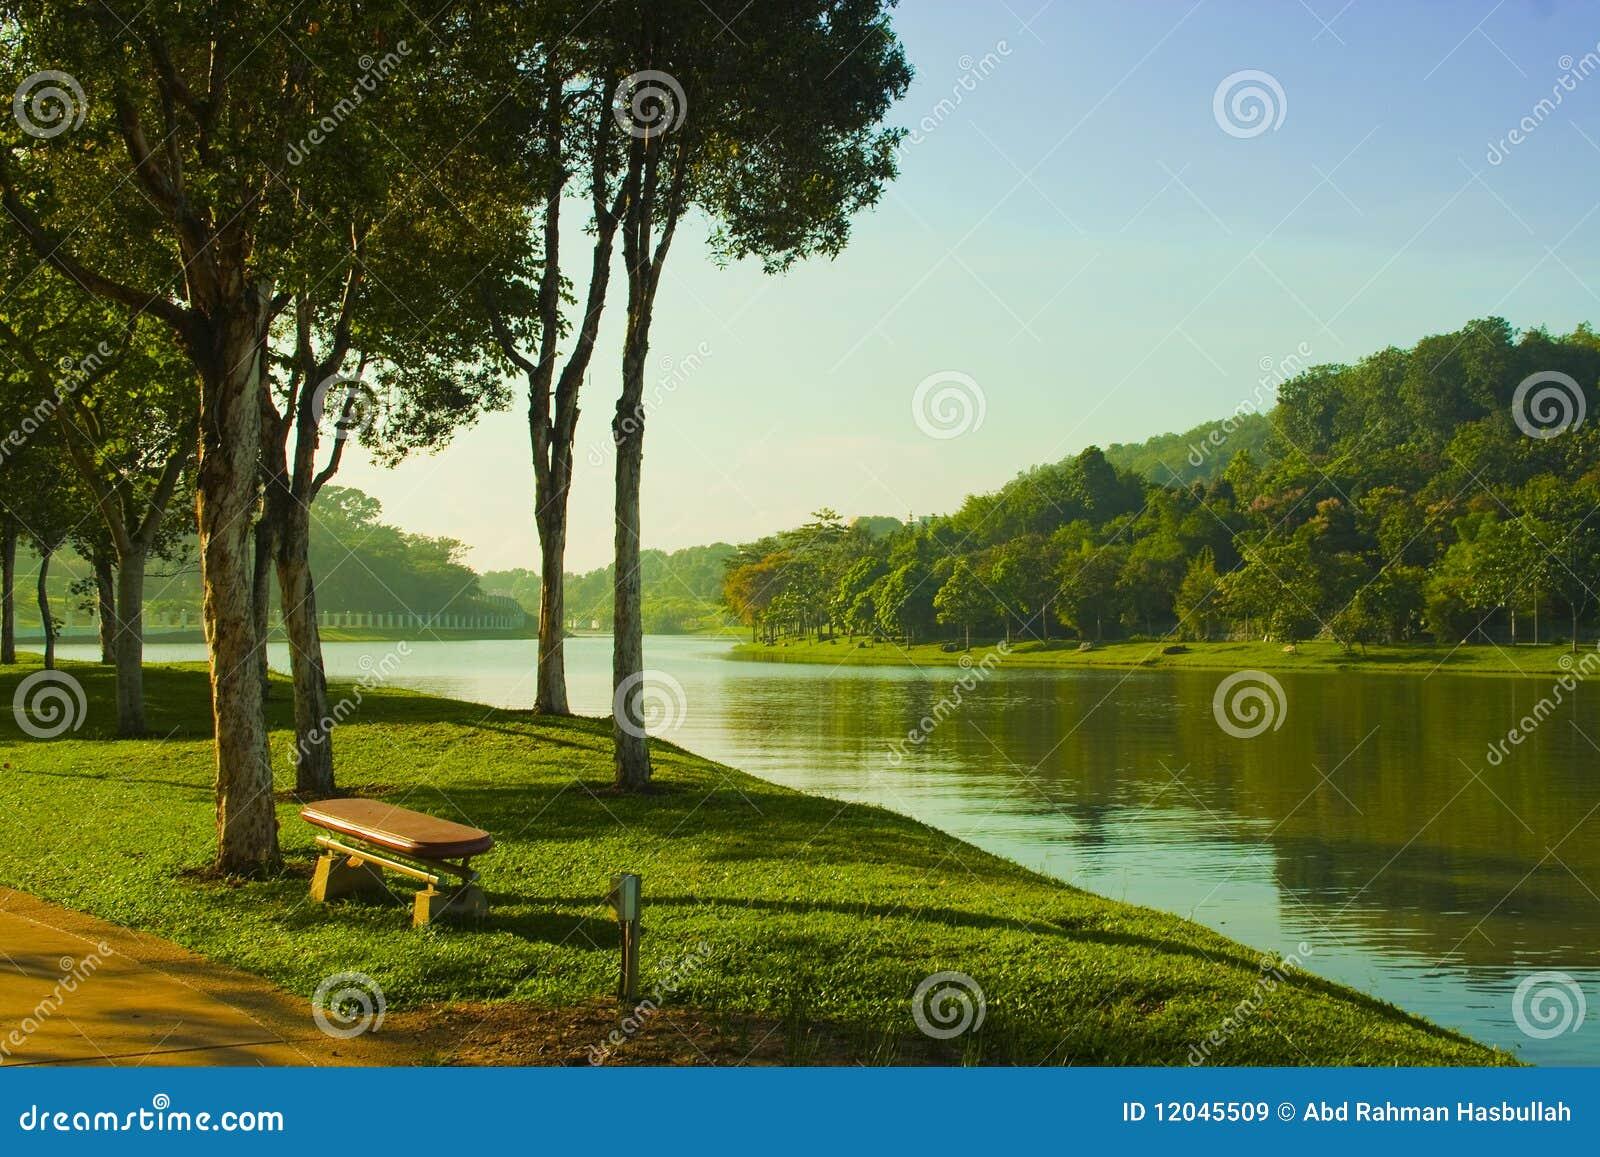 地公园_湖边平地公园